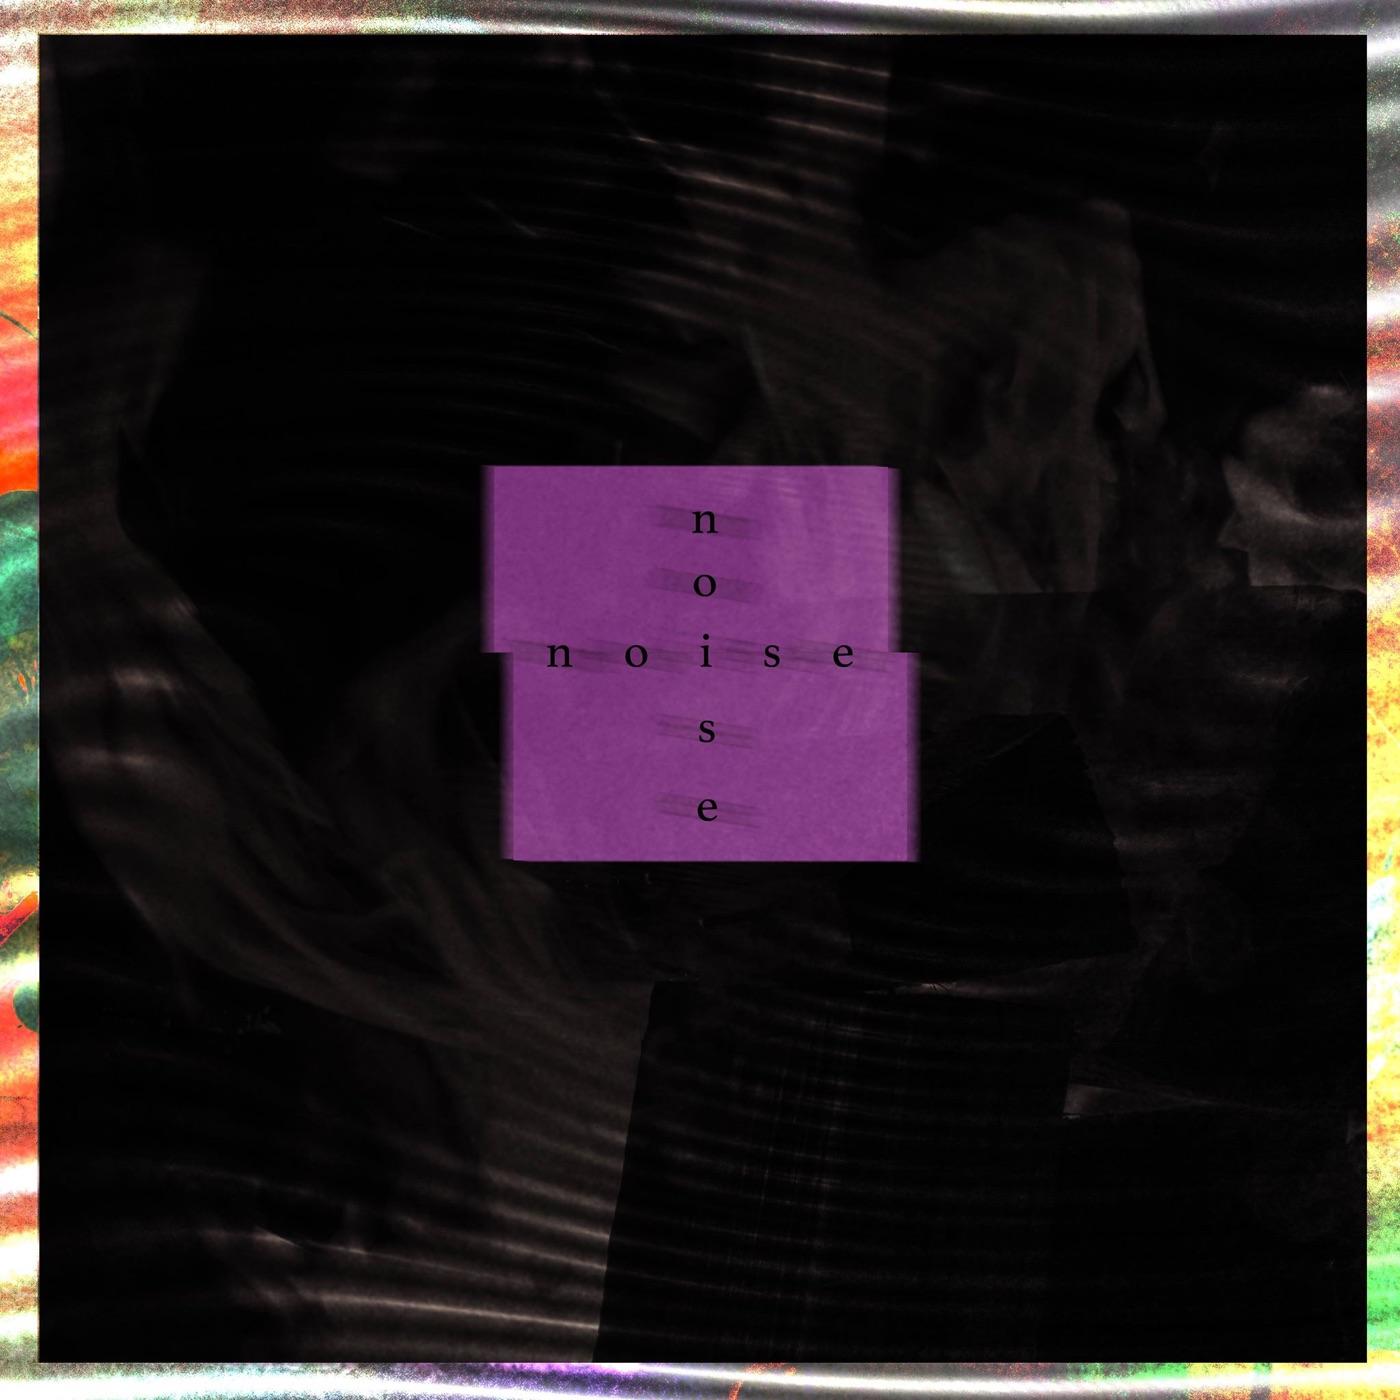 Lungless - N O I S E [Single] (2018)